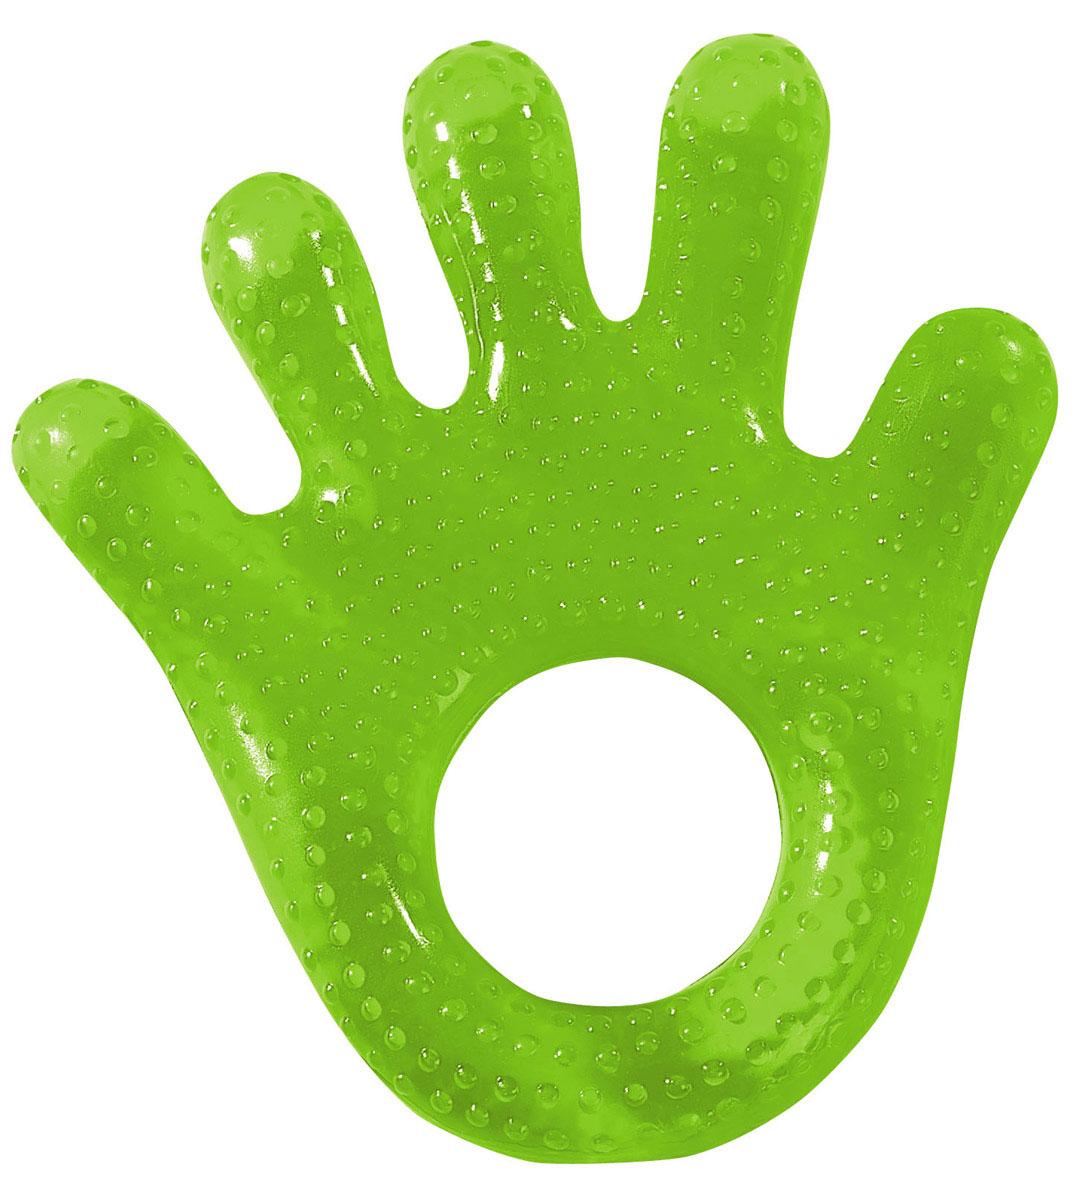 Simba Прорезыватель Рука цвет салатовый4013794_салатовыйПрорезыватель Simba Рука обязательно понравится каждому малышу! Кольцо, заполненное водой, прекрасно подходит детям с режущимися зубками благодаря приятному охлаждающему эффекту. Предназначено для малышей с трехмесячного возраста. Не кипятить, не стерилизовать. Хранить только в холодильнике, но не в морозилке.